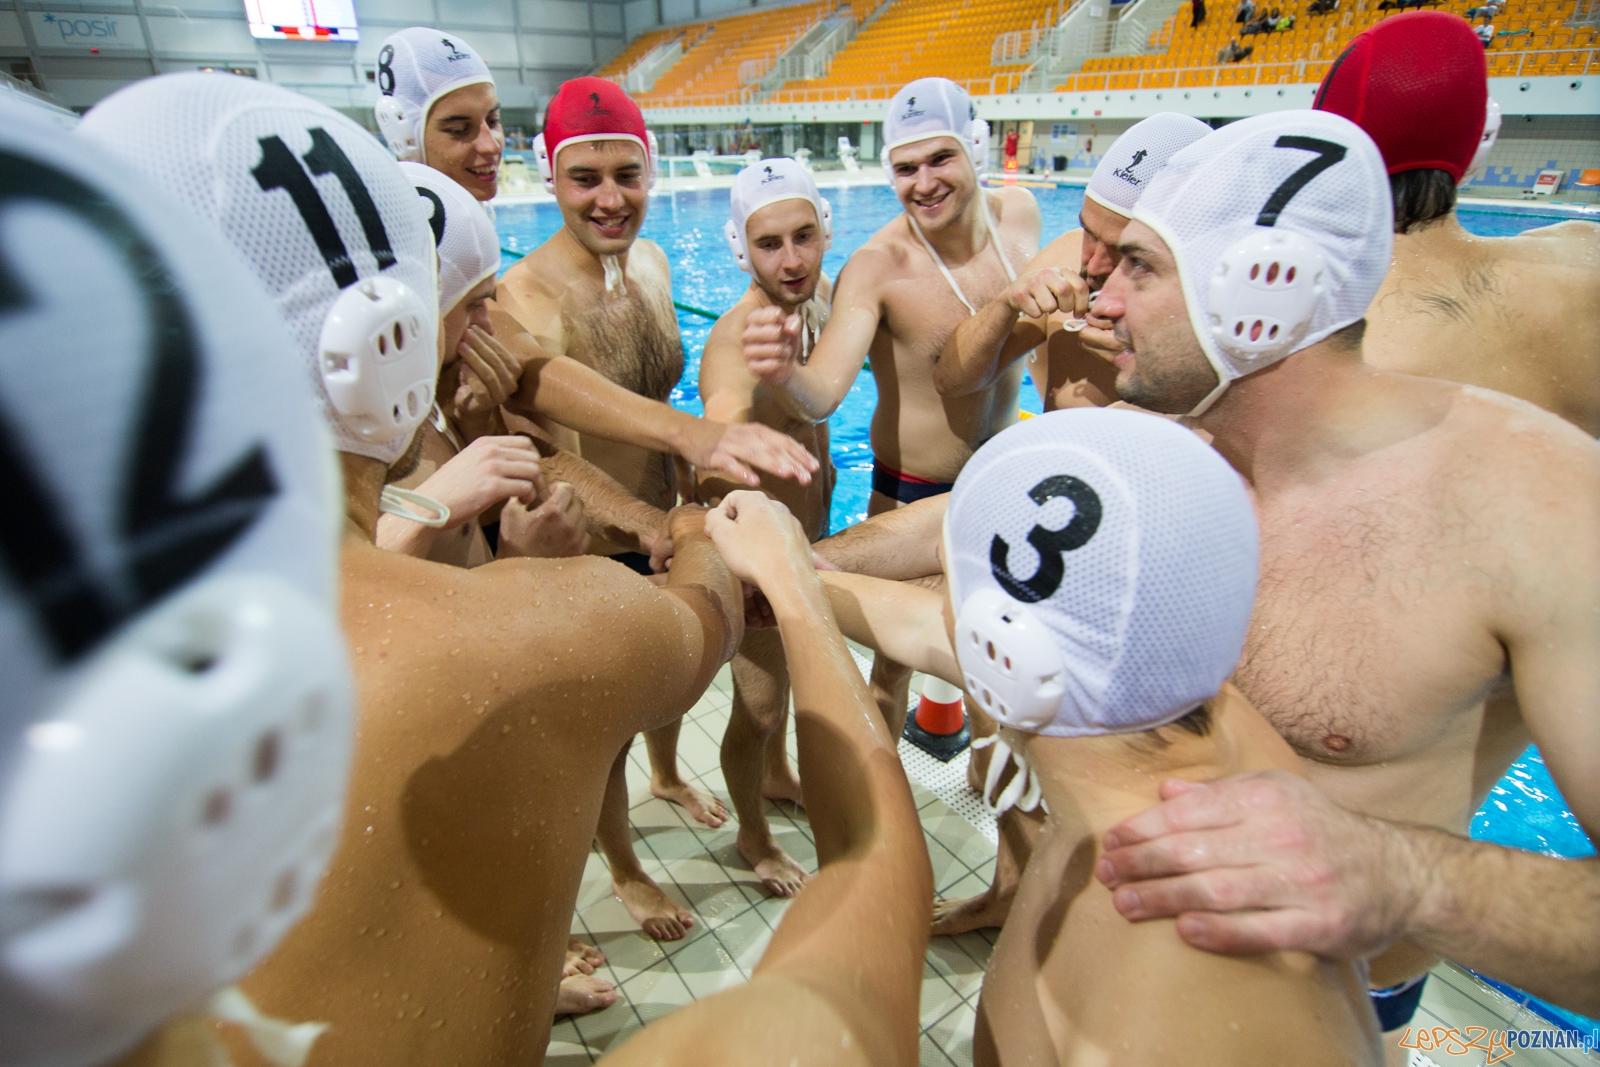 Puchar Polski w piłce wodnej mężczyzn 2015 - Waterpolo Pozna  Foto: lepszyPOZNAN.pl / Piotr Rychter